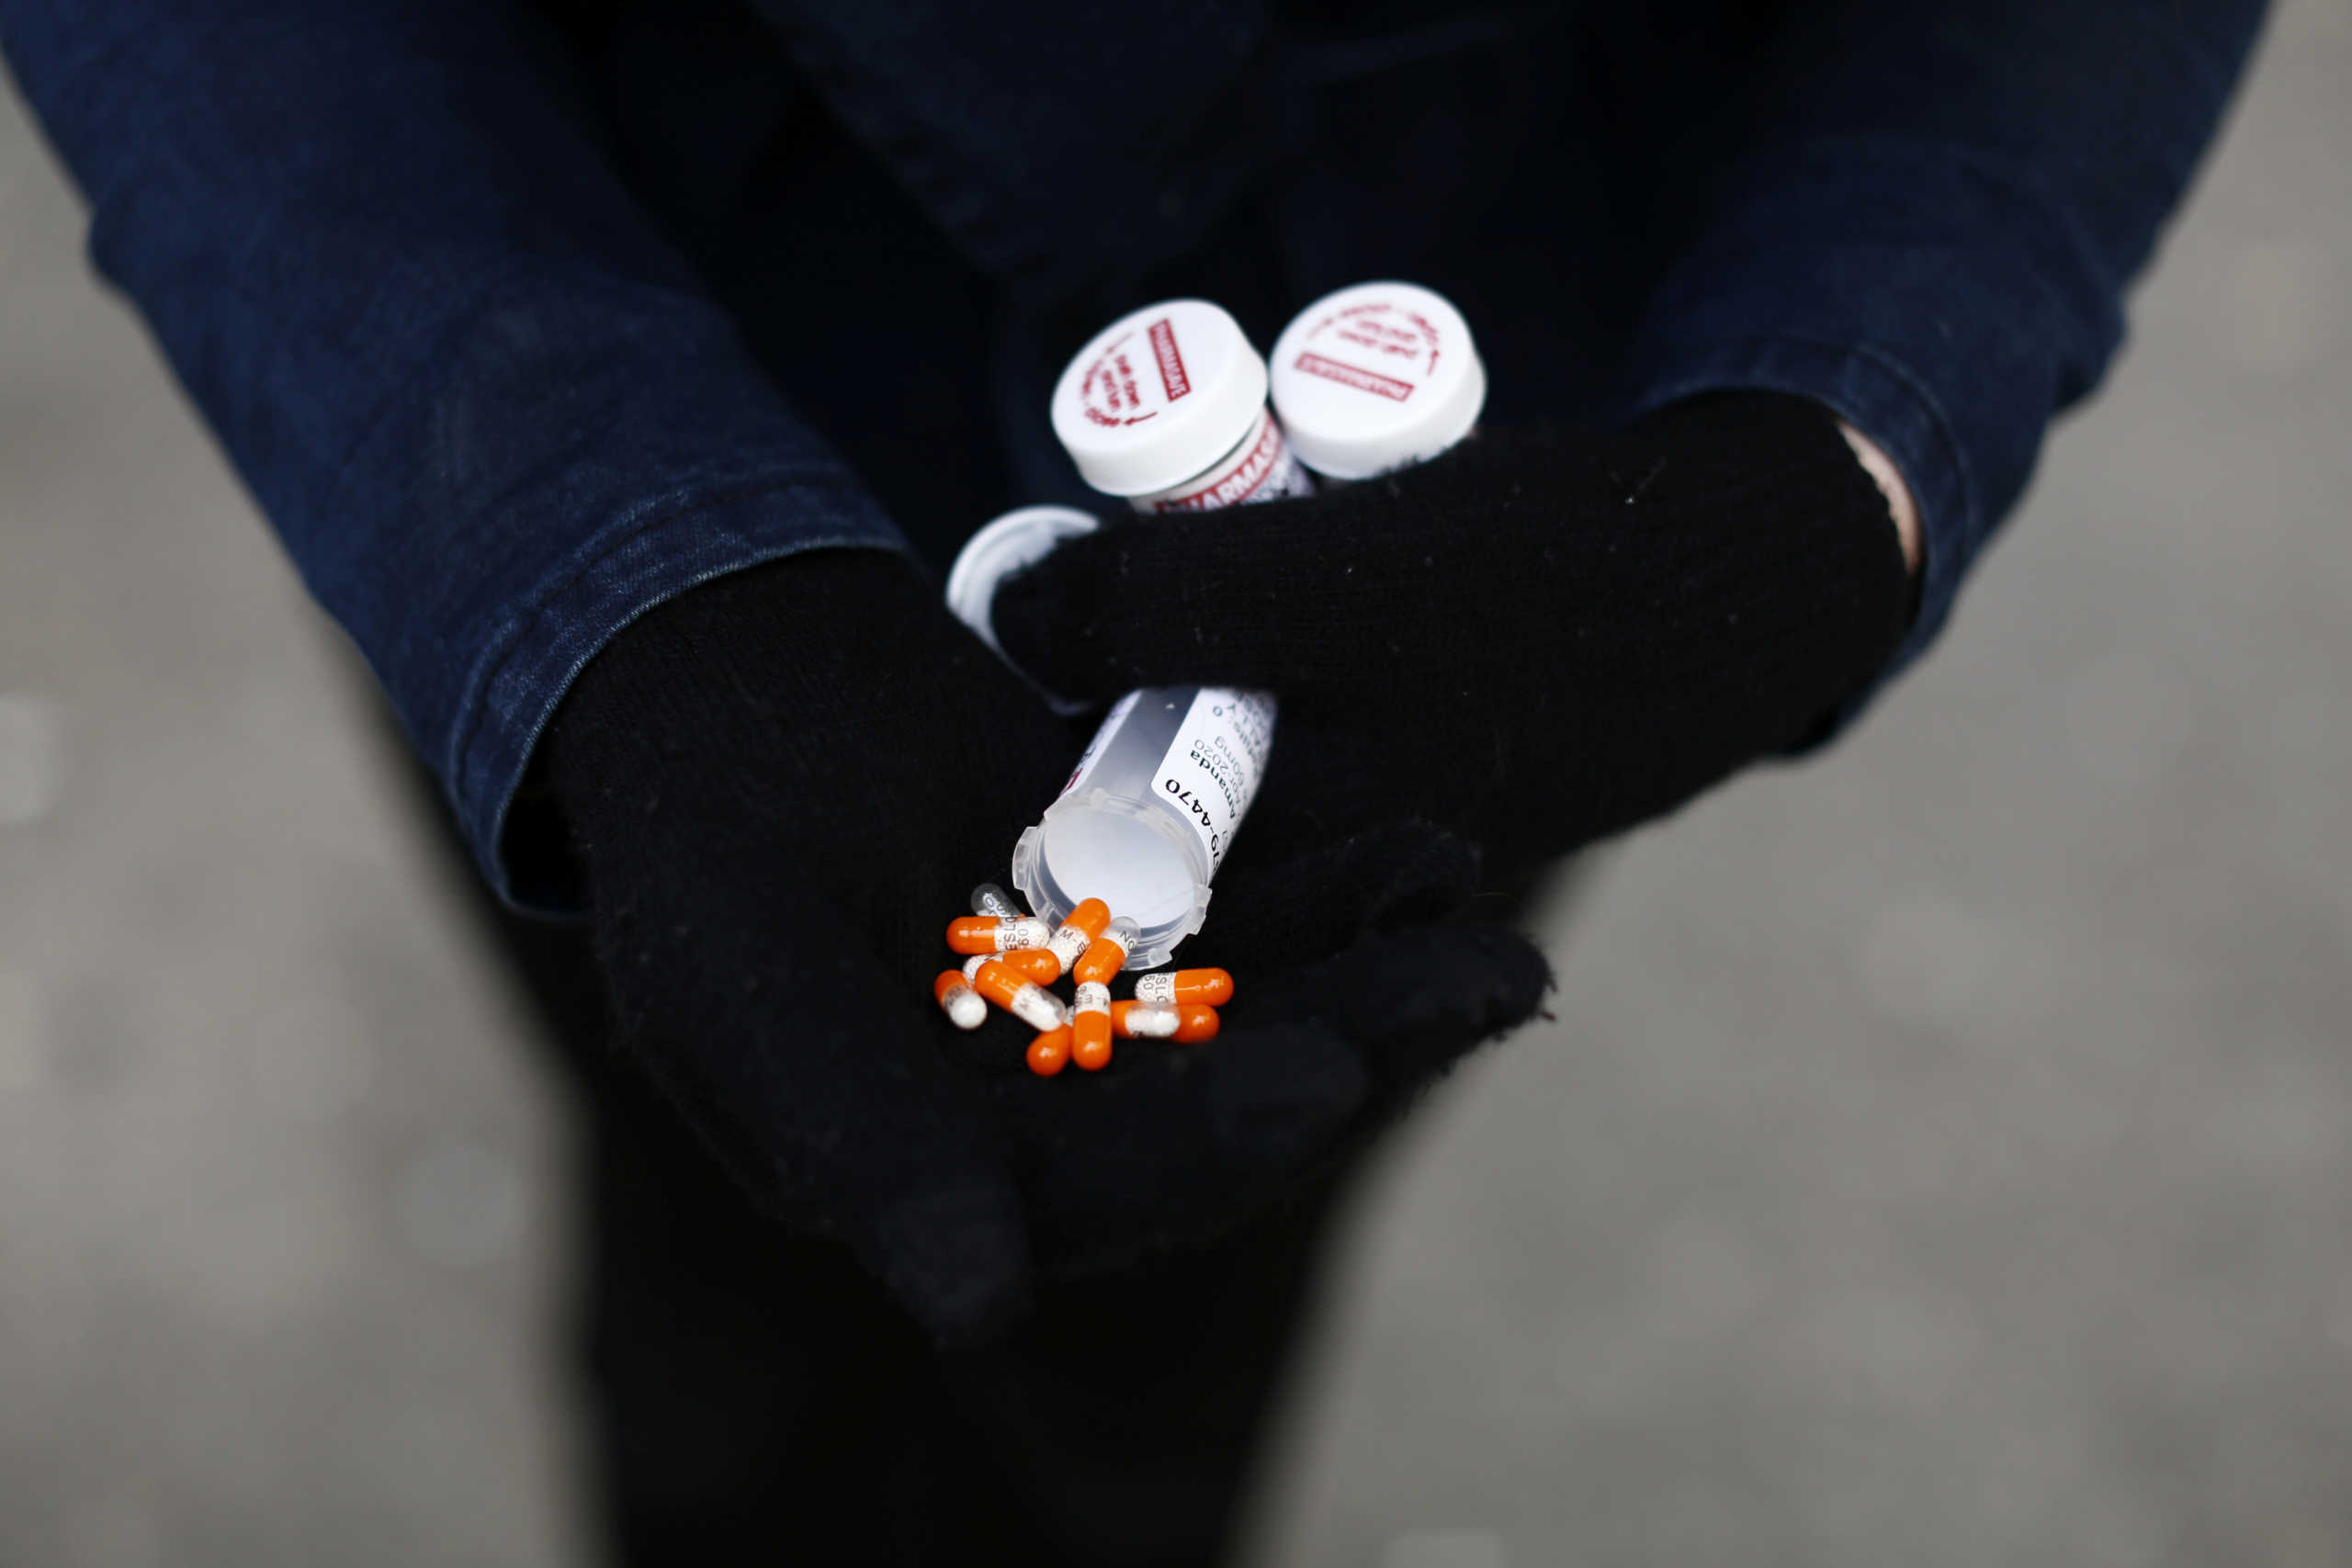 ΗΠΑ: Στο εδώλιο τέσσερις φαρμακοβιομηχανίες για την «επιδημία» οπιοειδών